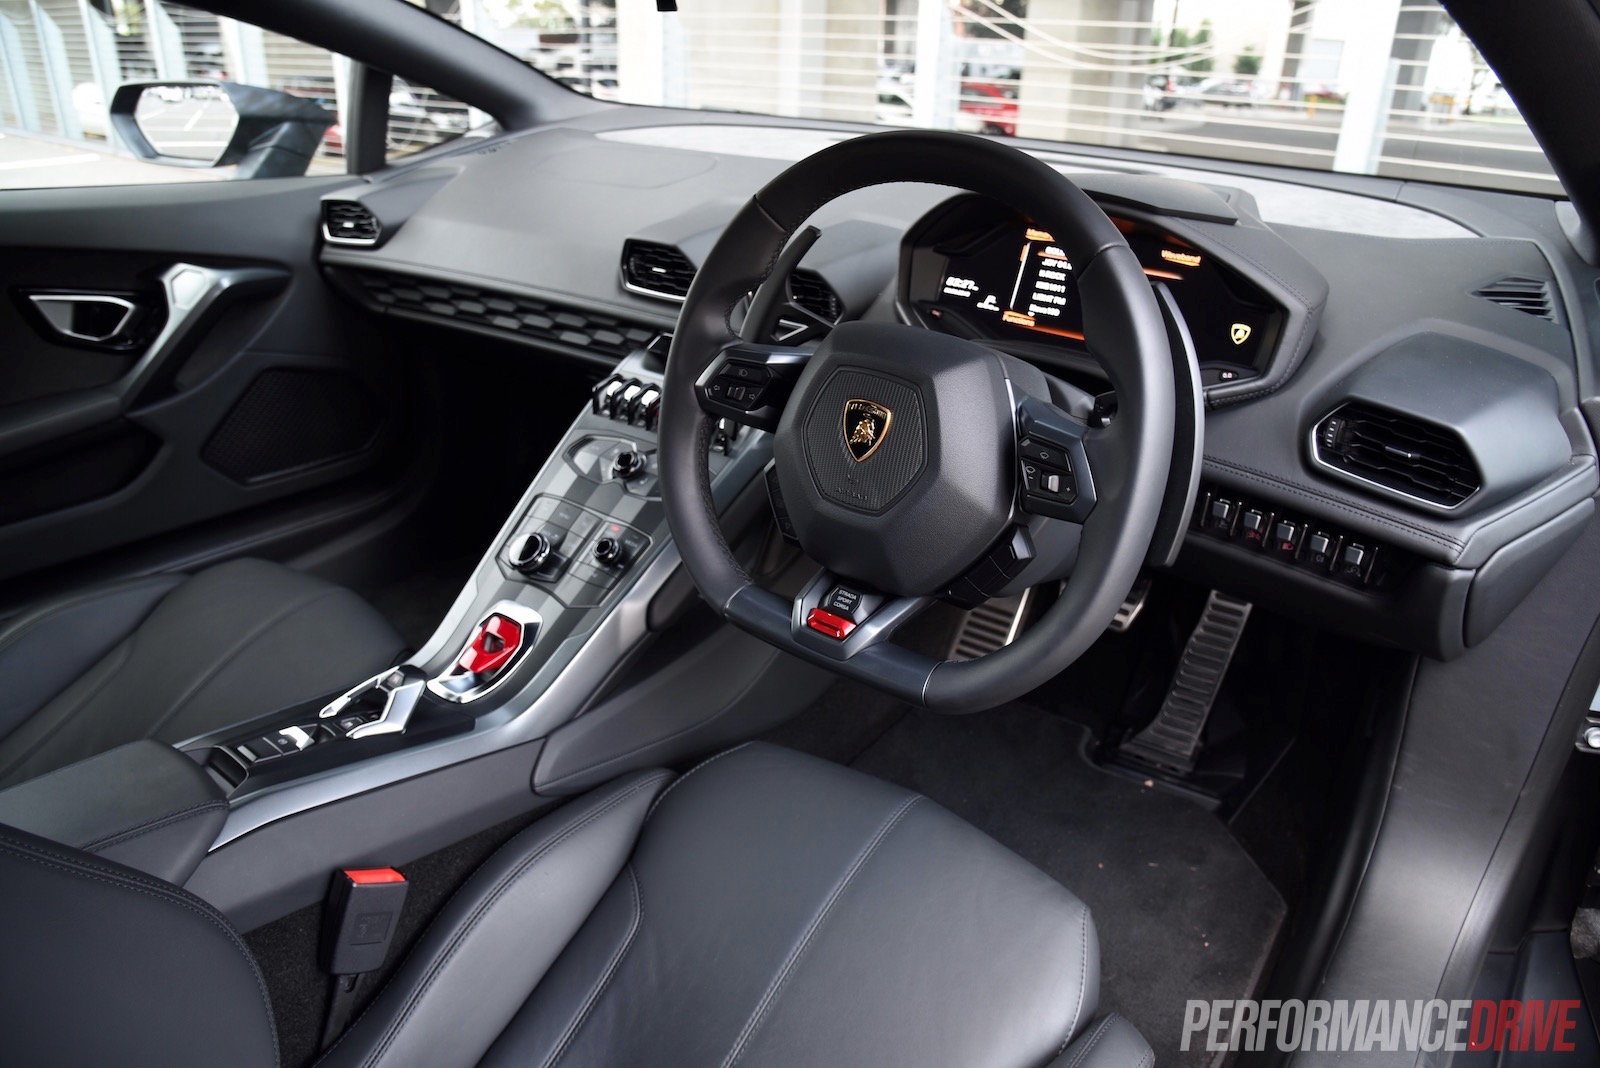 Lamborghini Huracan Lp610 4 Review Video Performancedrive